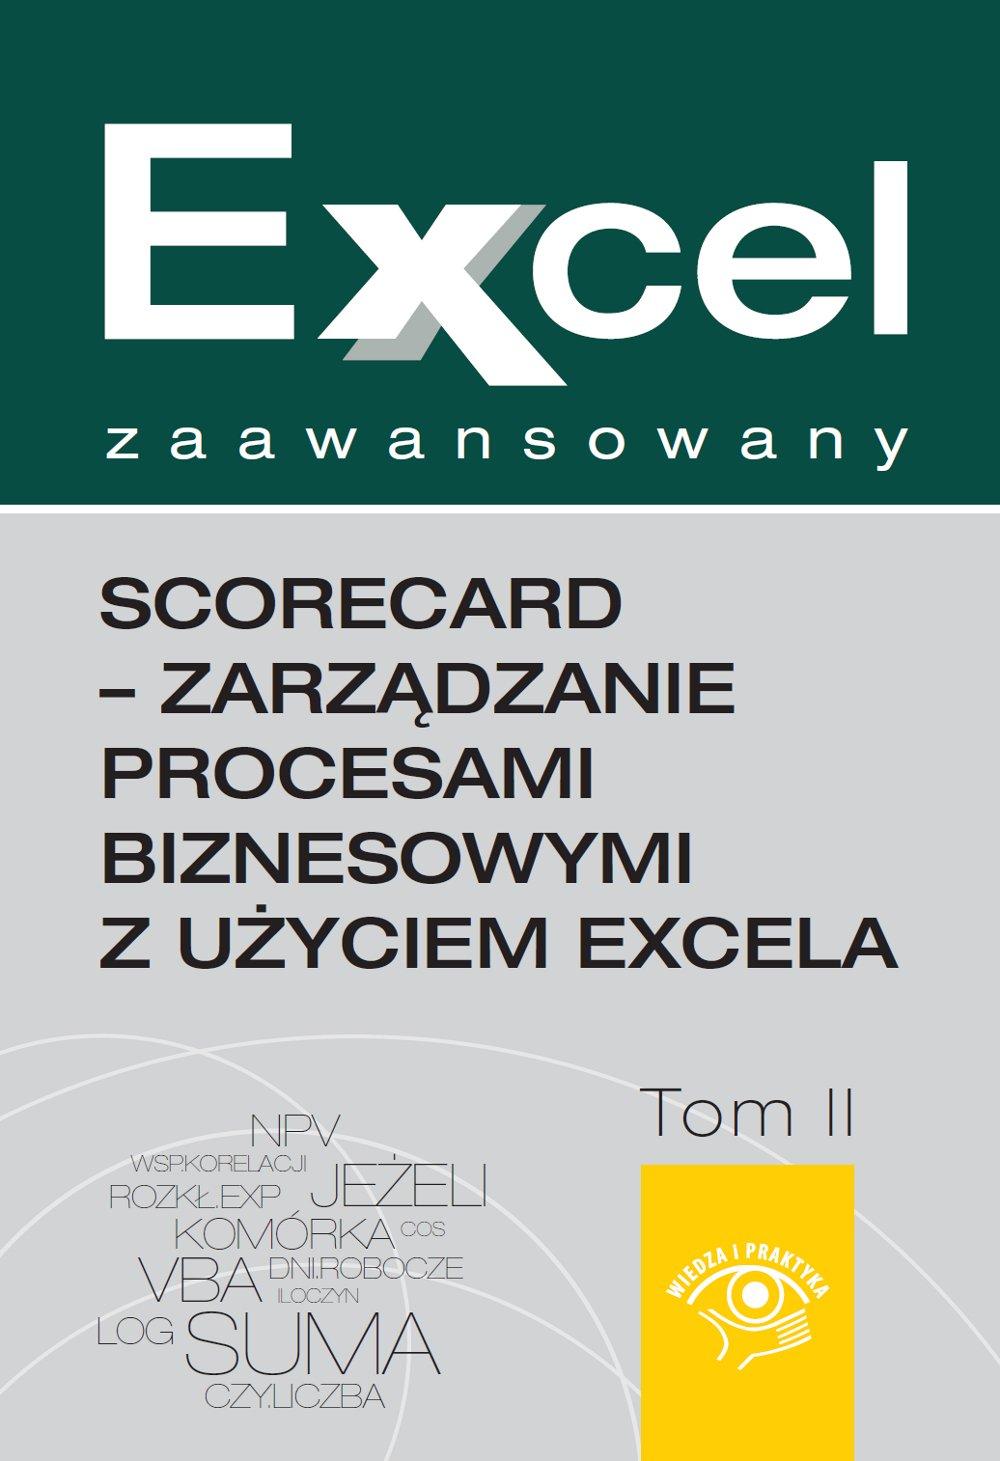 Excel zaawansowany  - ScoreCard - zarządzanie procesami biznesowymi z użyciem Excela - Ebook (Książka EPUB) do pobrania w formacie EPUB